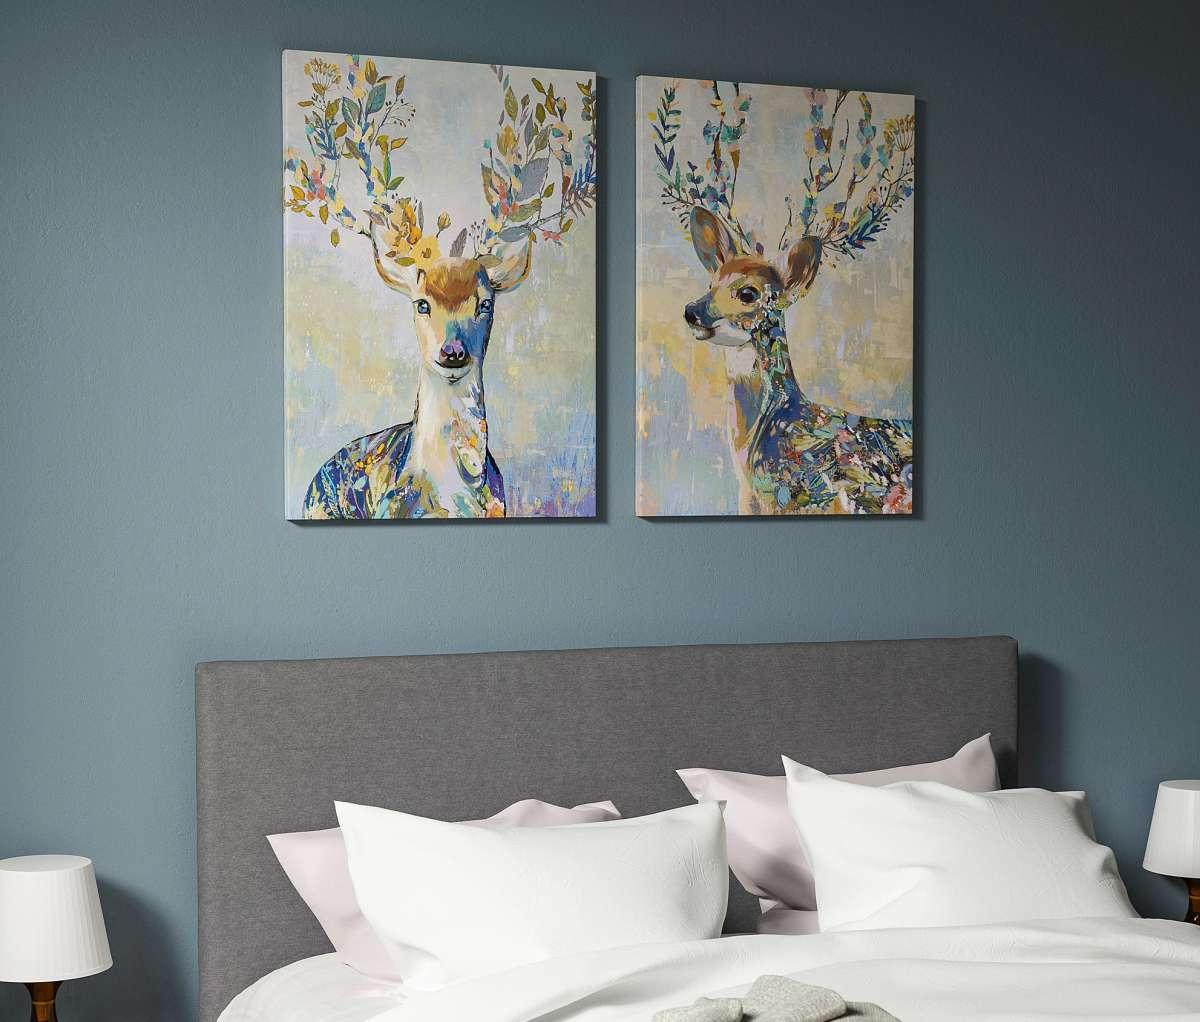 quadro-stampa-su-tela-ikea-renna-animali-colorata-schizzo